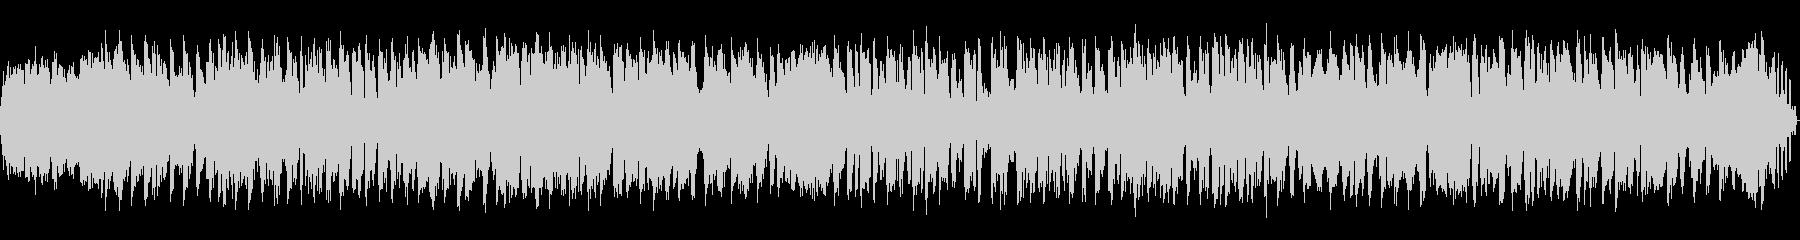 スクラッチグルーブ2の未再生の波形